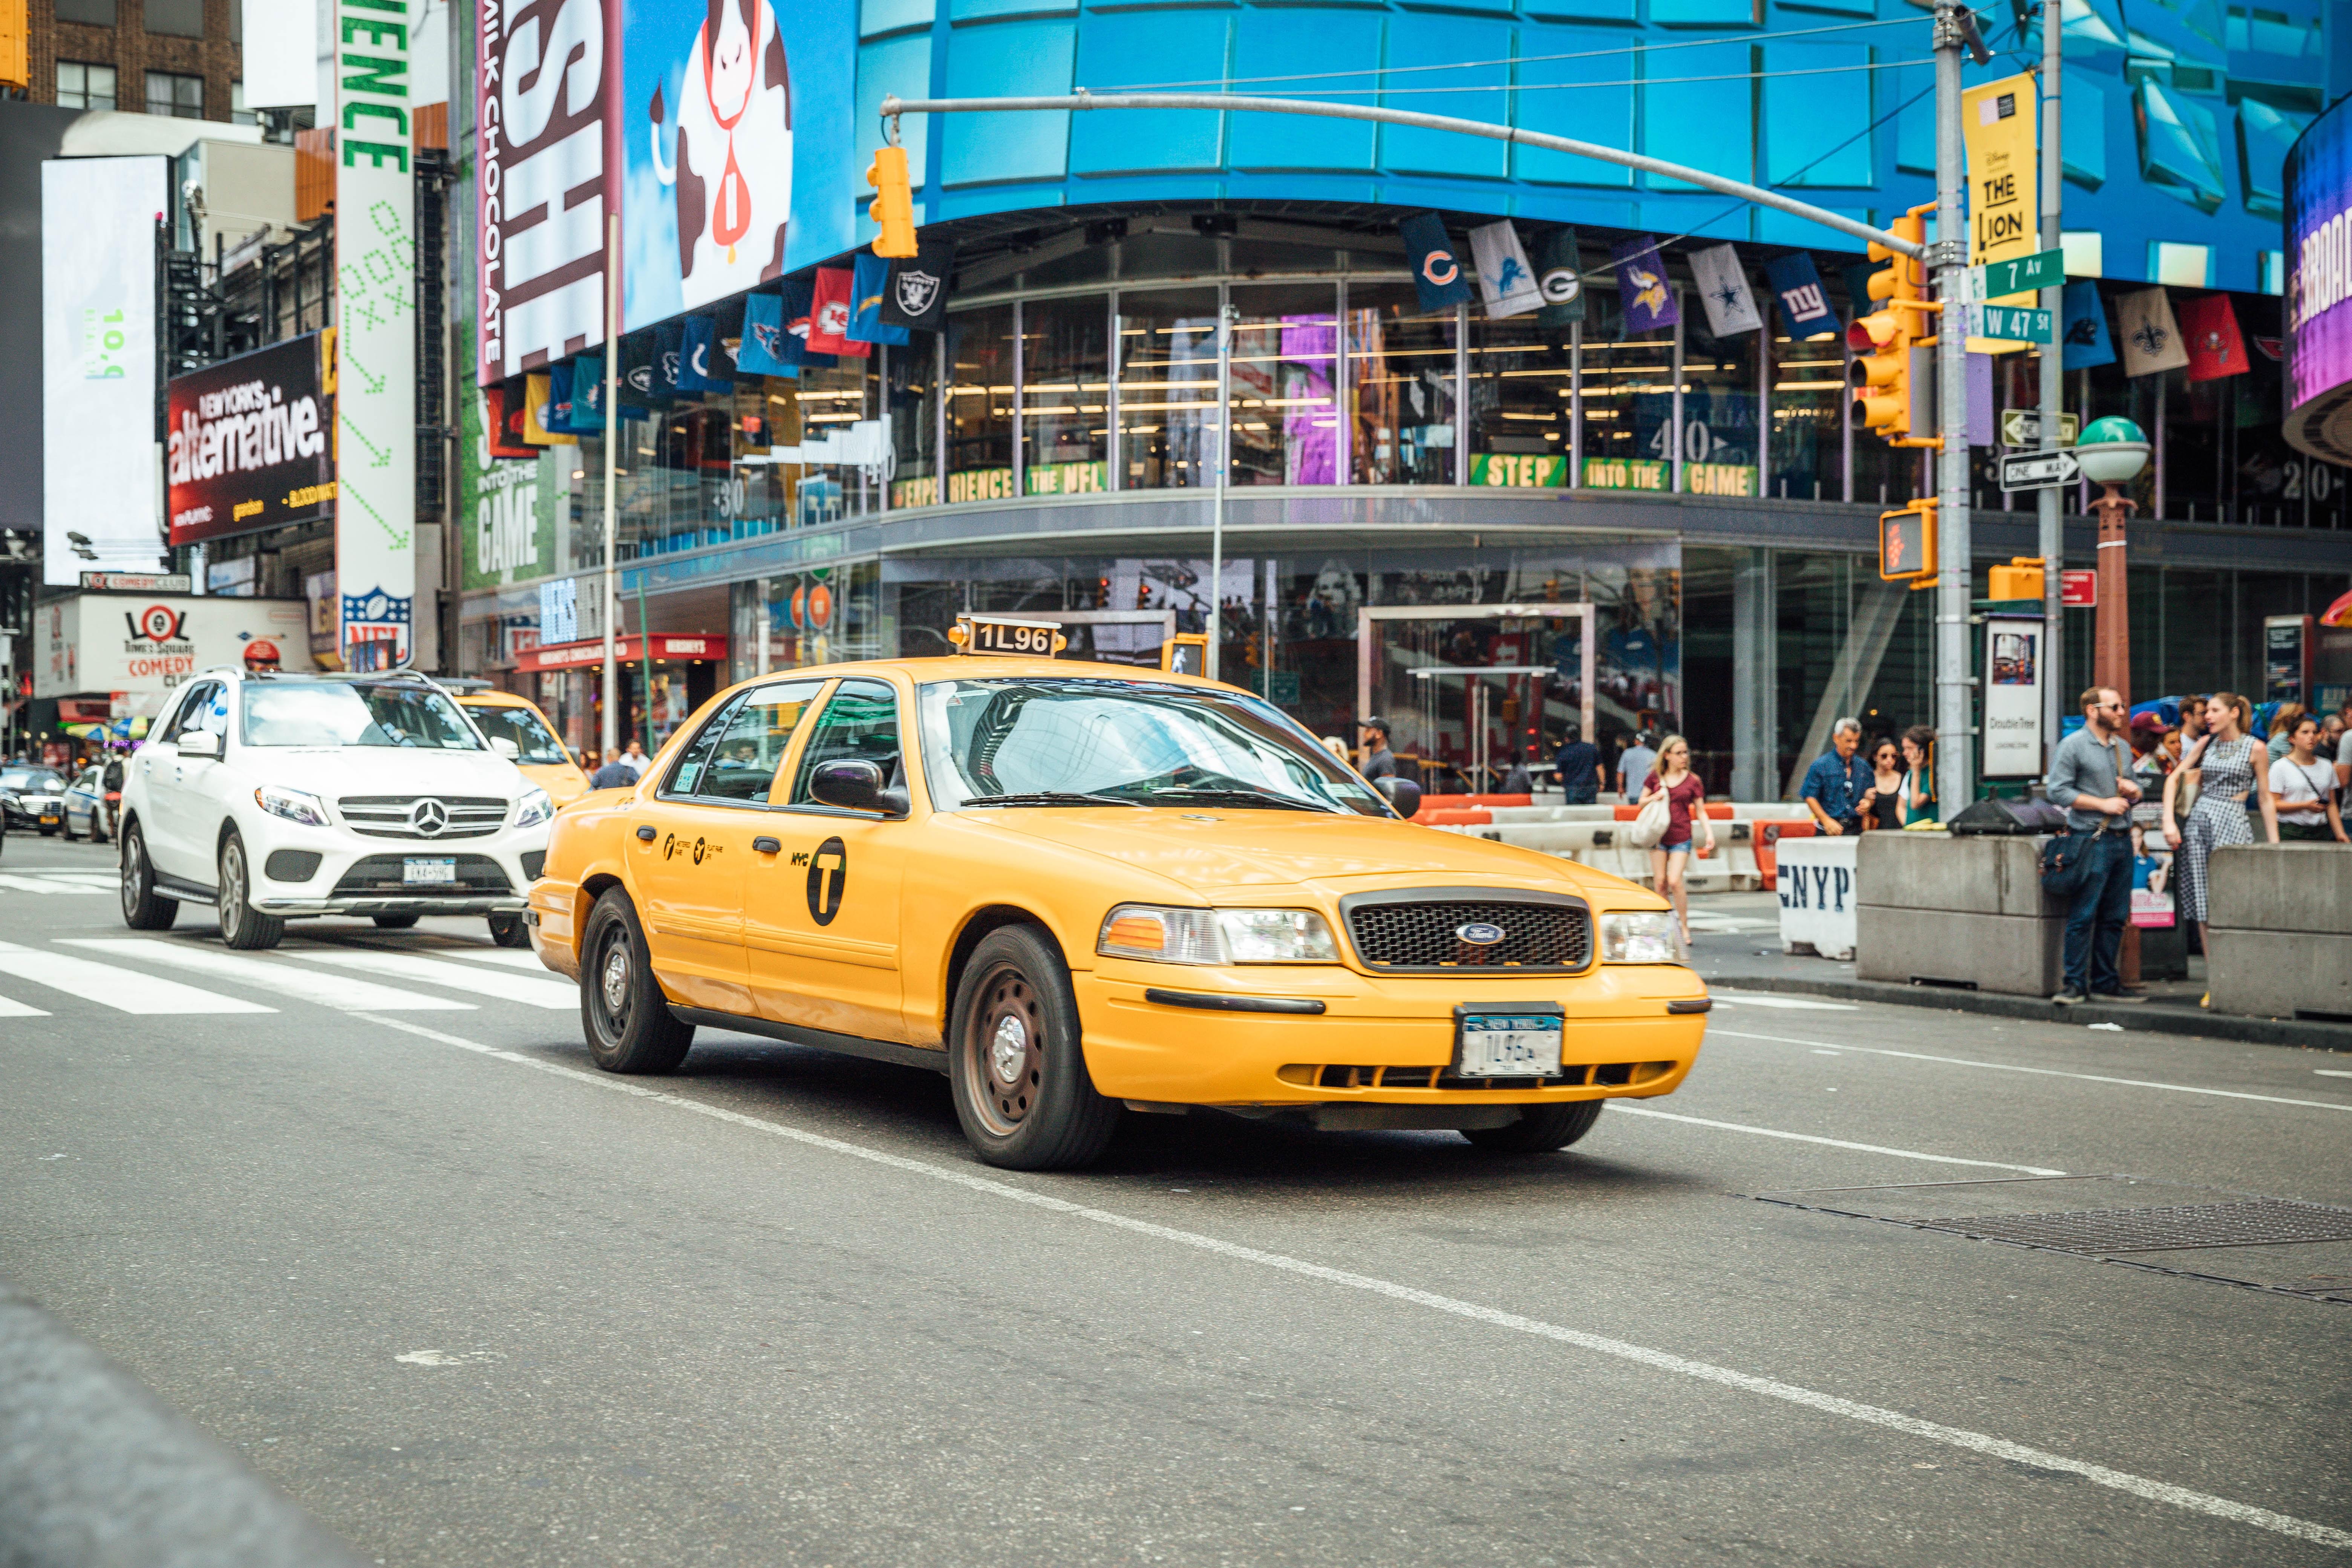 yellow taxi cab near white car